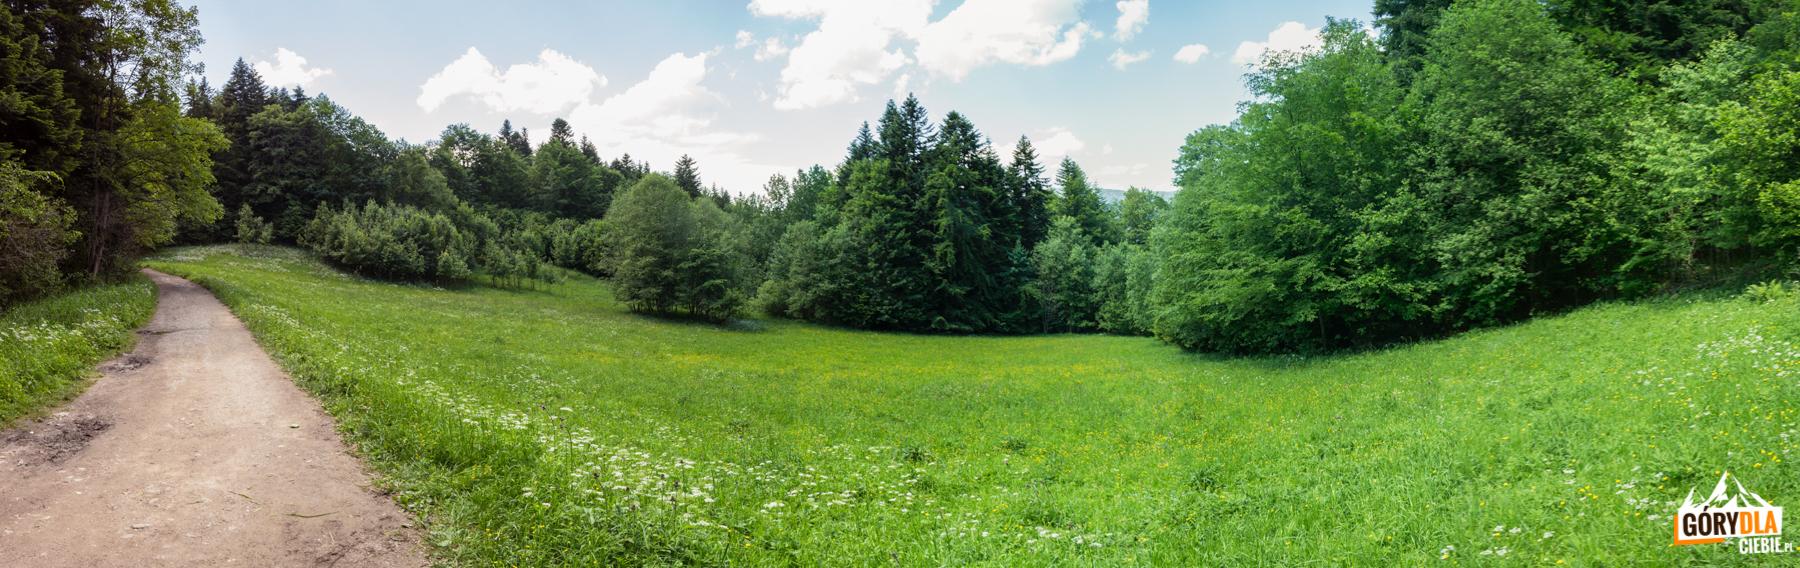 Pienińskie łąki koło Bańków Gronik